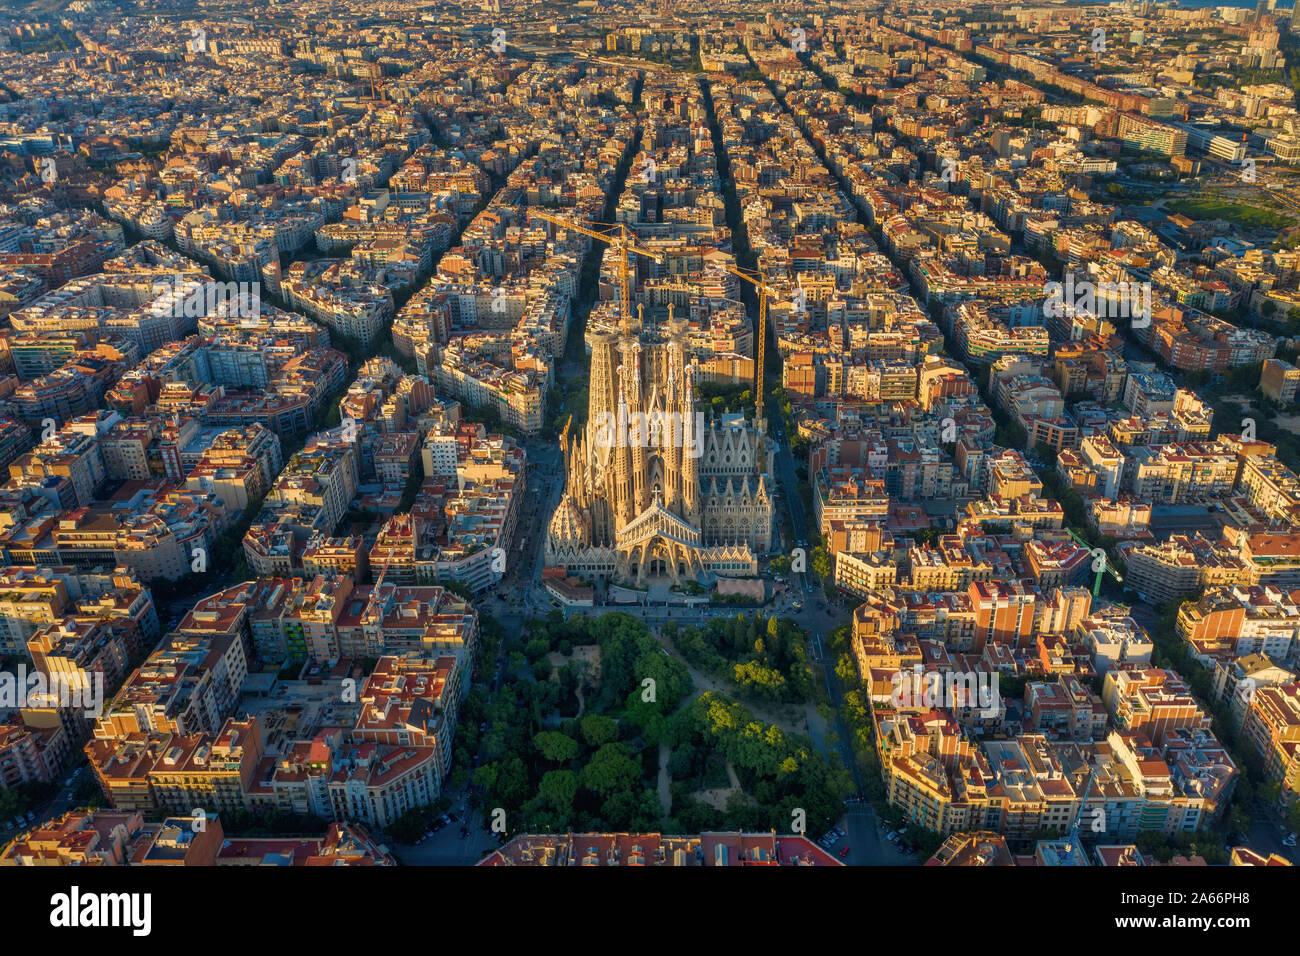 España, Cataluña, Barcelona, vista aérea del barrio de l'Eixample y la Catedral de la Sagrada Familia Foto de stock